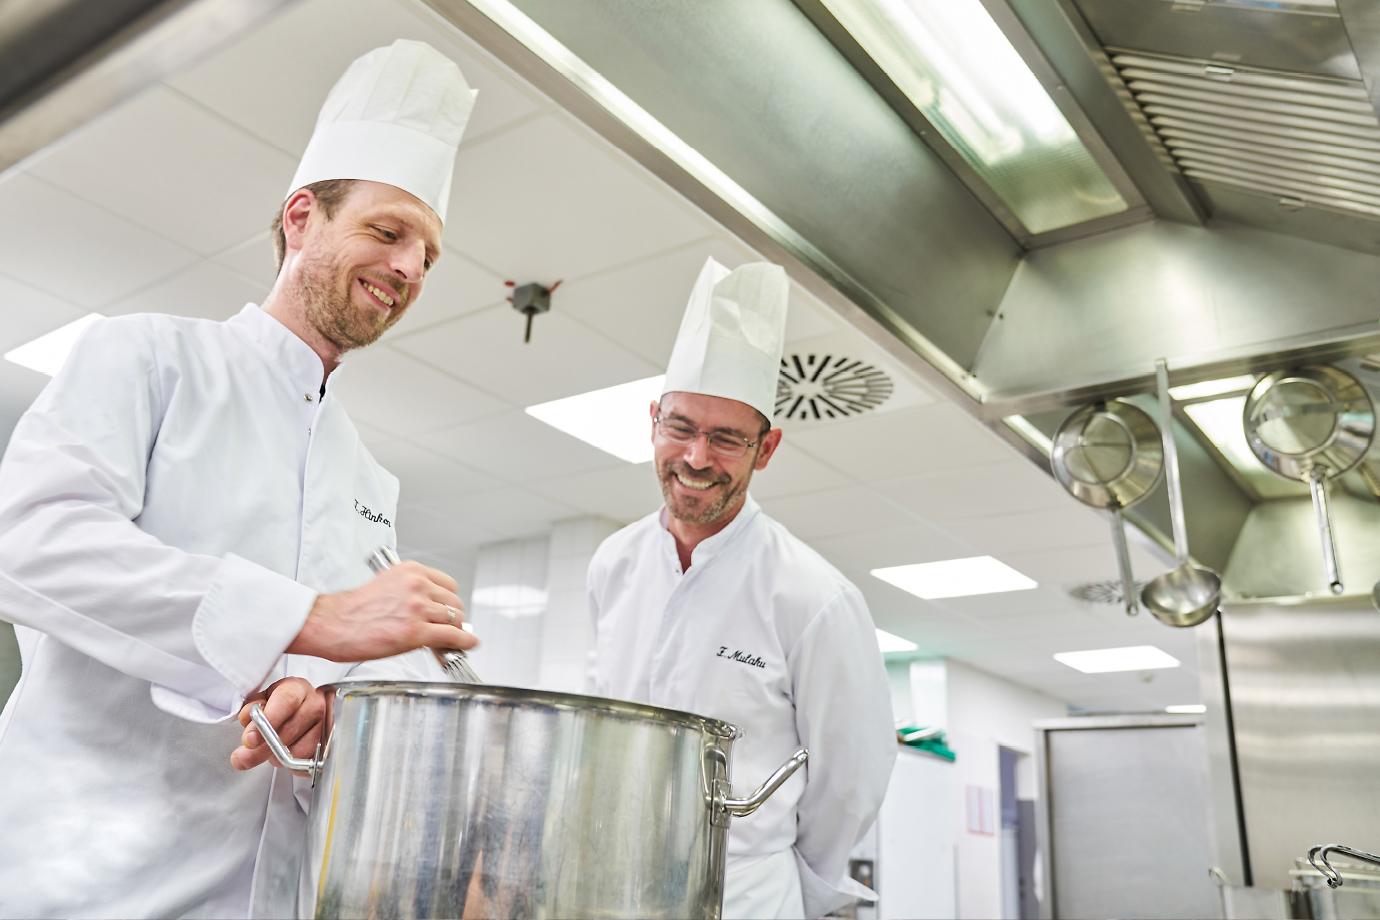 Unser Küchenchef und sein Team kreieren täglich frische, schmackhafte Gerichte